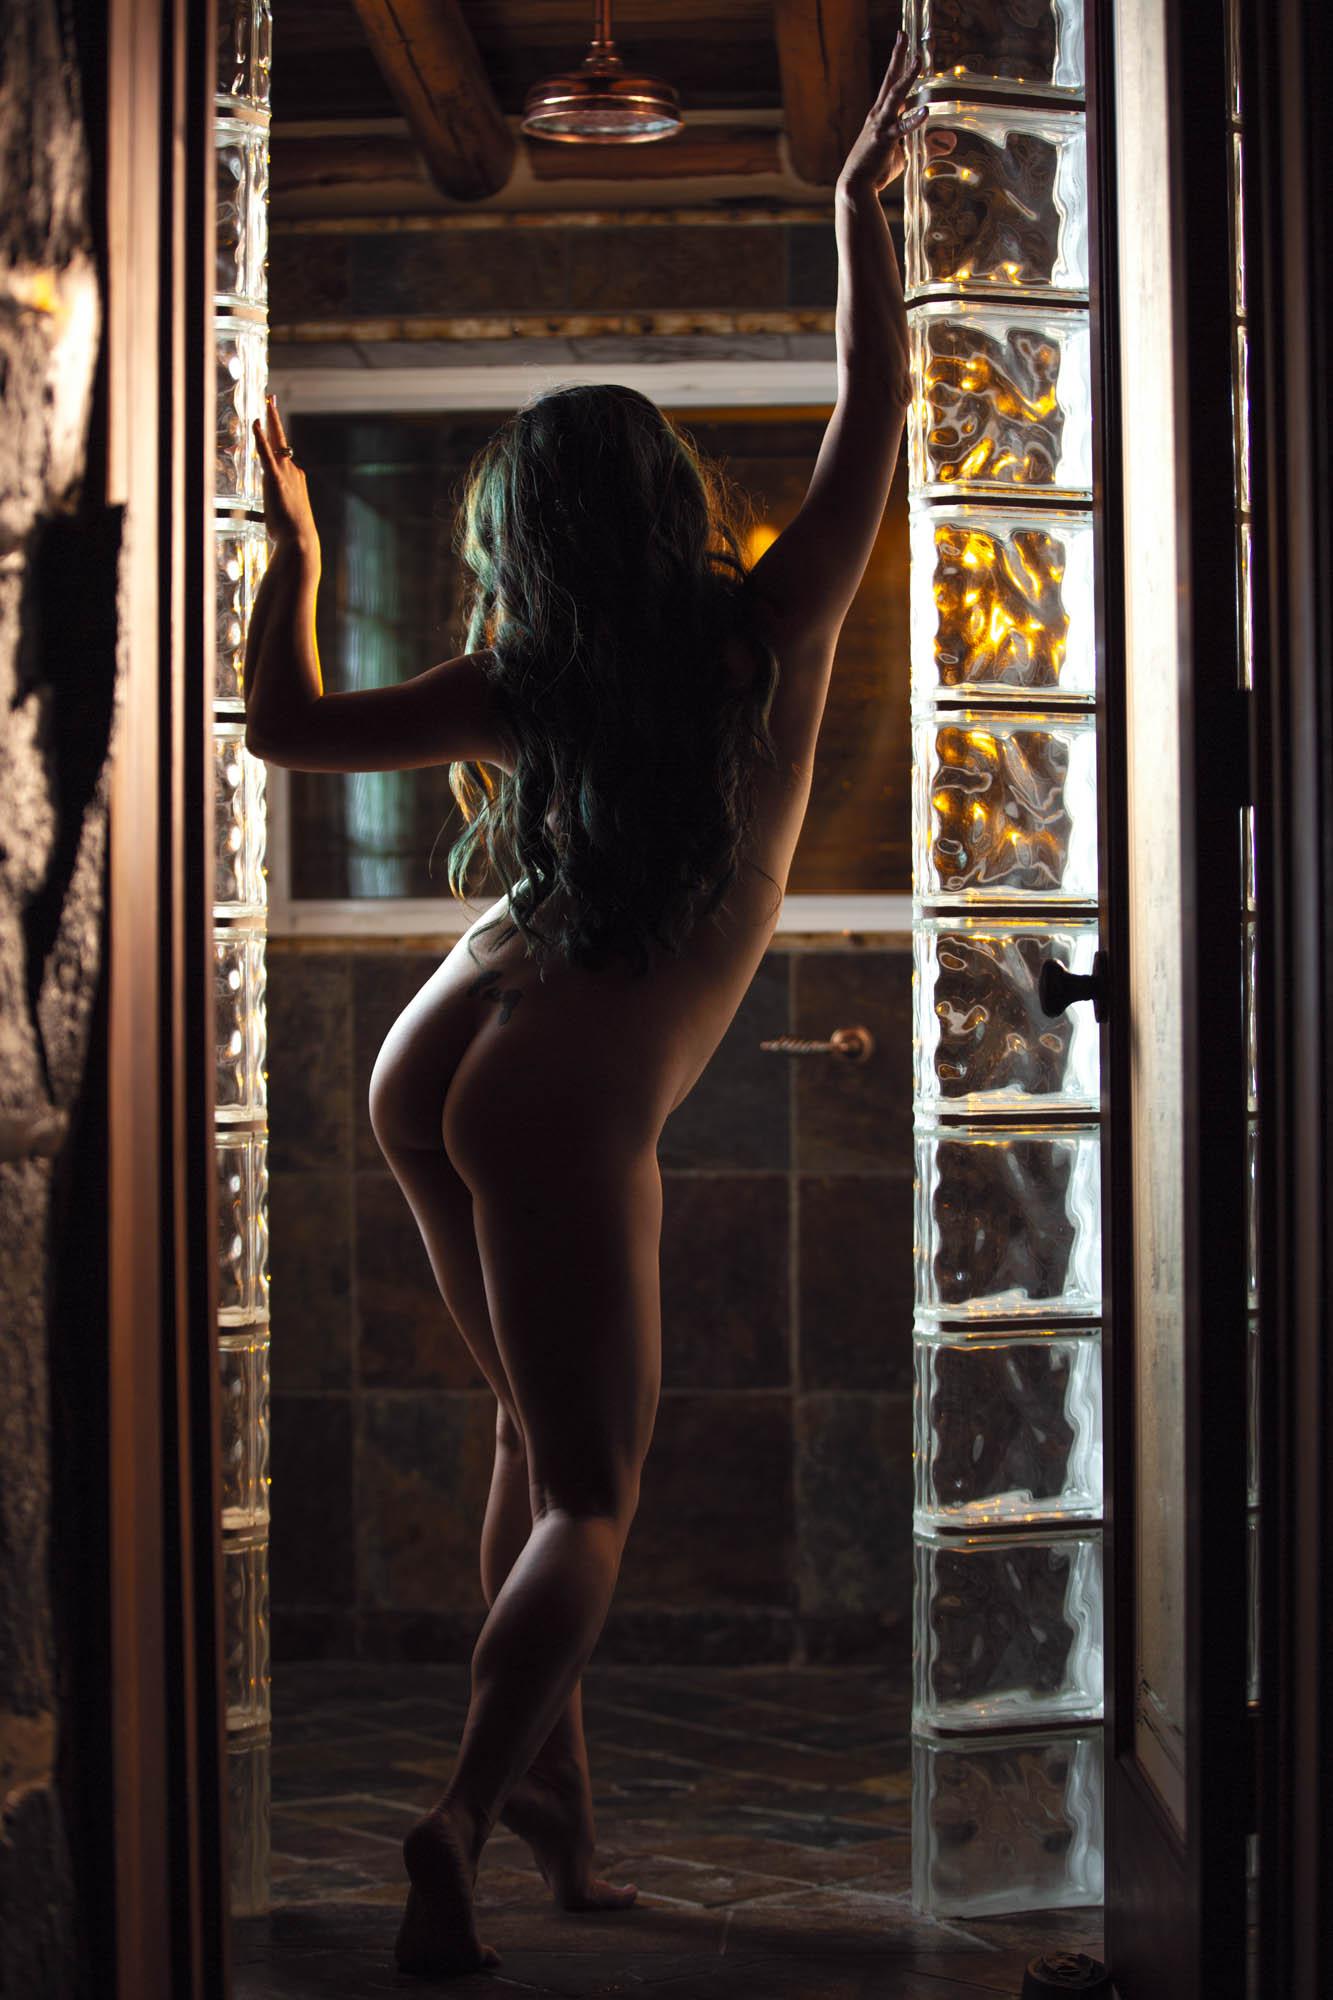 Boudoir Photographer - Jason Guy